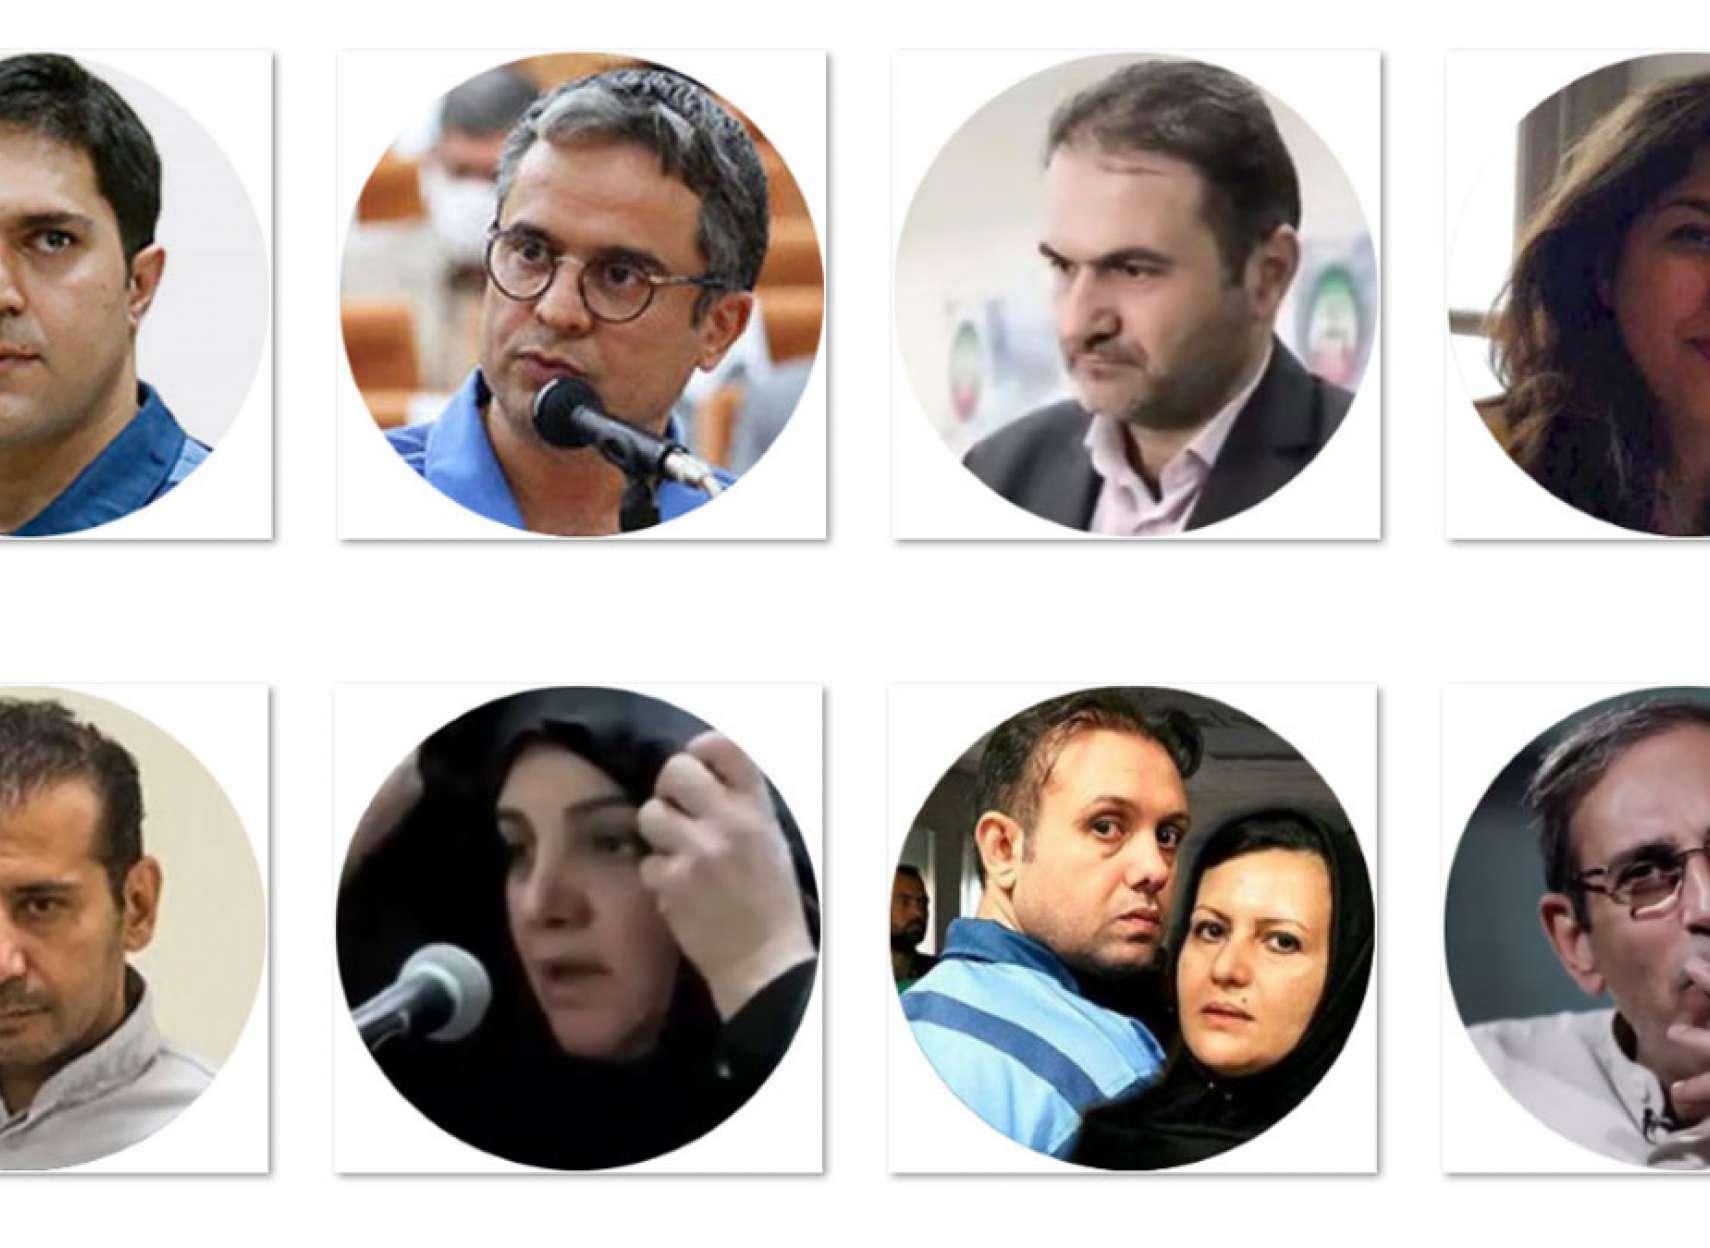 اخبار-ایران-لیست-۱۰-سلطان-اقتصادی-ایران-و-وضعیت-کنونی-آنها